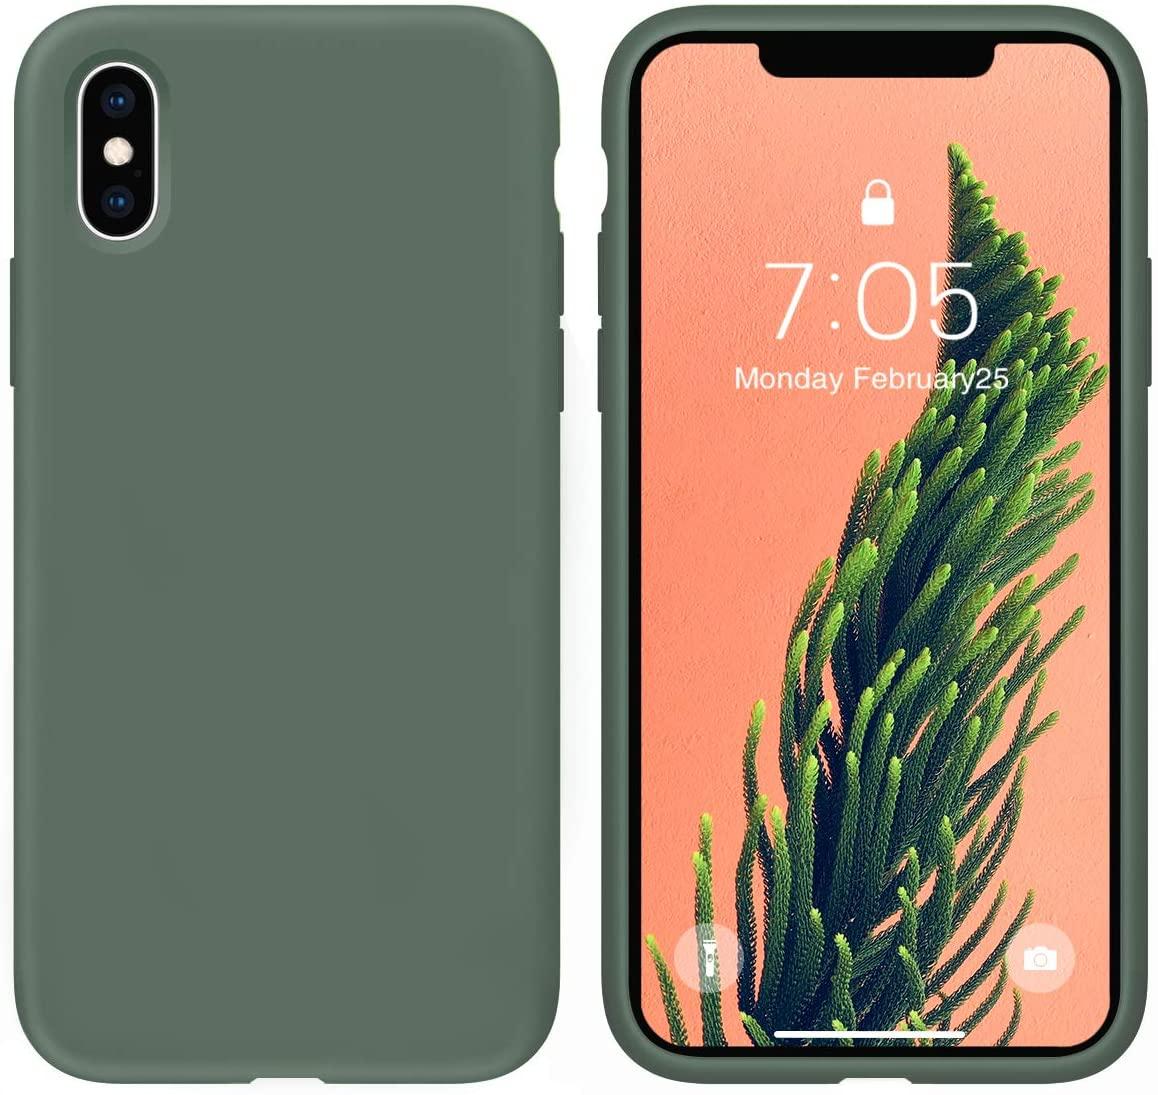 Pouzdro iMore Silicone Case iPhone XS/X - Smrkově zelený